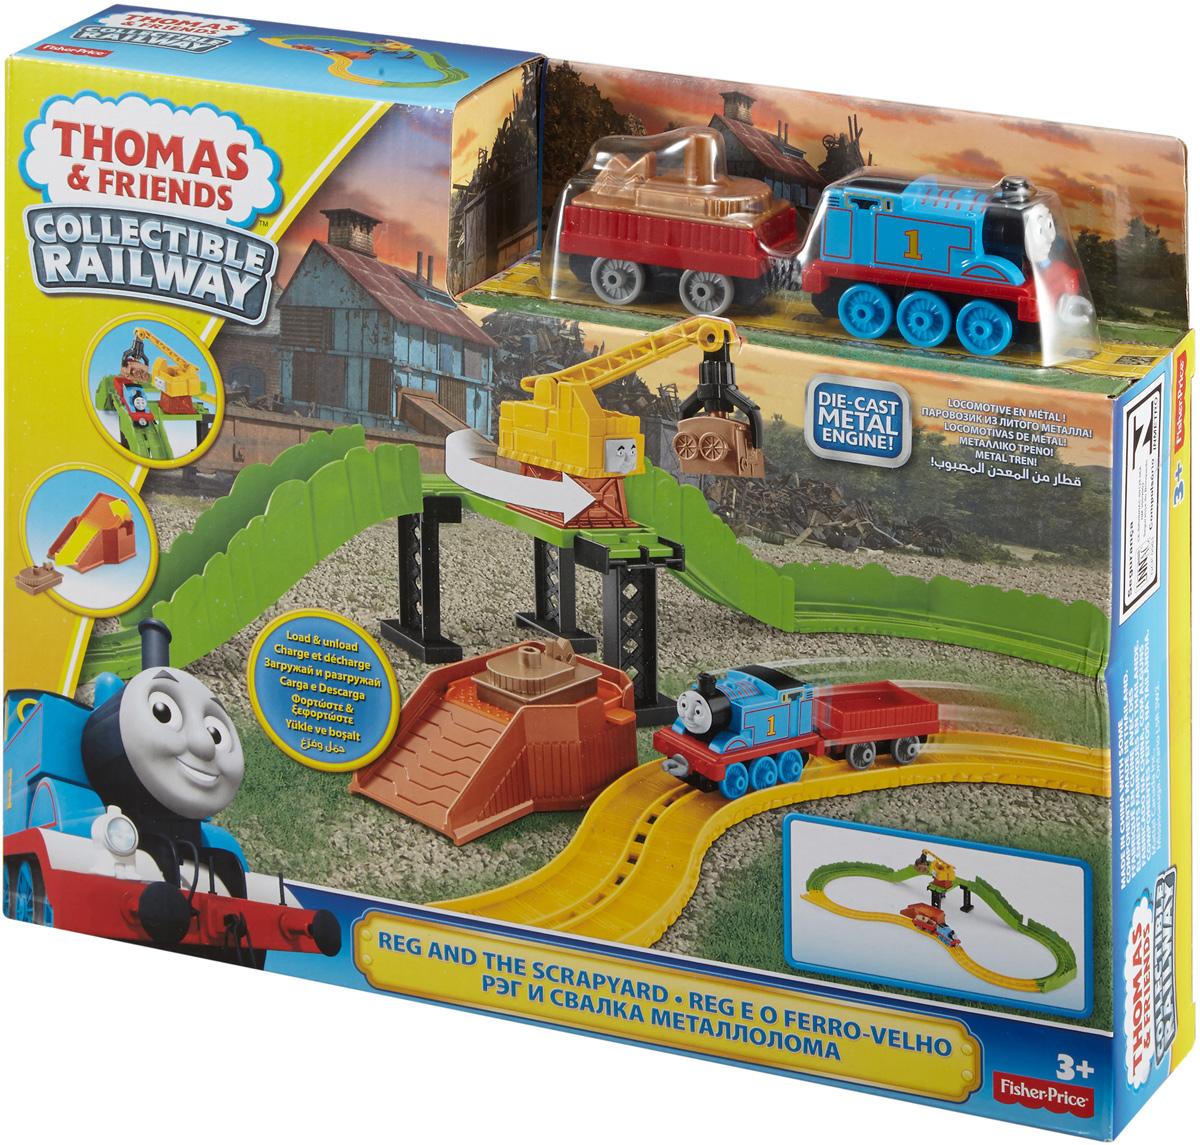 Thomas & Friends Железная дорога Рэг и свалка металлоломаDGC08Замечательный игровой набор Thomas & Friends Рэг и свалка металлолома приведет в восторг юных любителей мультфильма про Томаса. Томас с грузовым вагоном кружит вдоль свалки и ищет запасные части. Его друг Рэг гуляет поблизости и помогает Томасу поскорее загрузить запчасти в грузовой вагон и вернуться на Содор. Найденные детали легко закрепляются в захвате Рэга, а для быстрой доставки к железной дороге кран может сбрасывать их на скат. Из запасных частей можно собрать отличного Мусорного монстра! В комплект входят элементы железной дороги, локомотив Томас, кран Рэг, грузовой вагон, груз, погрузочная платформа.